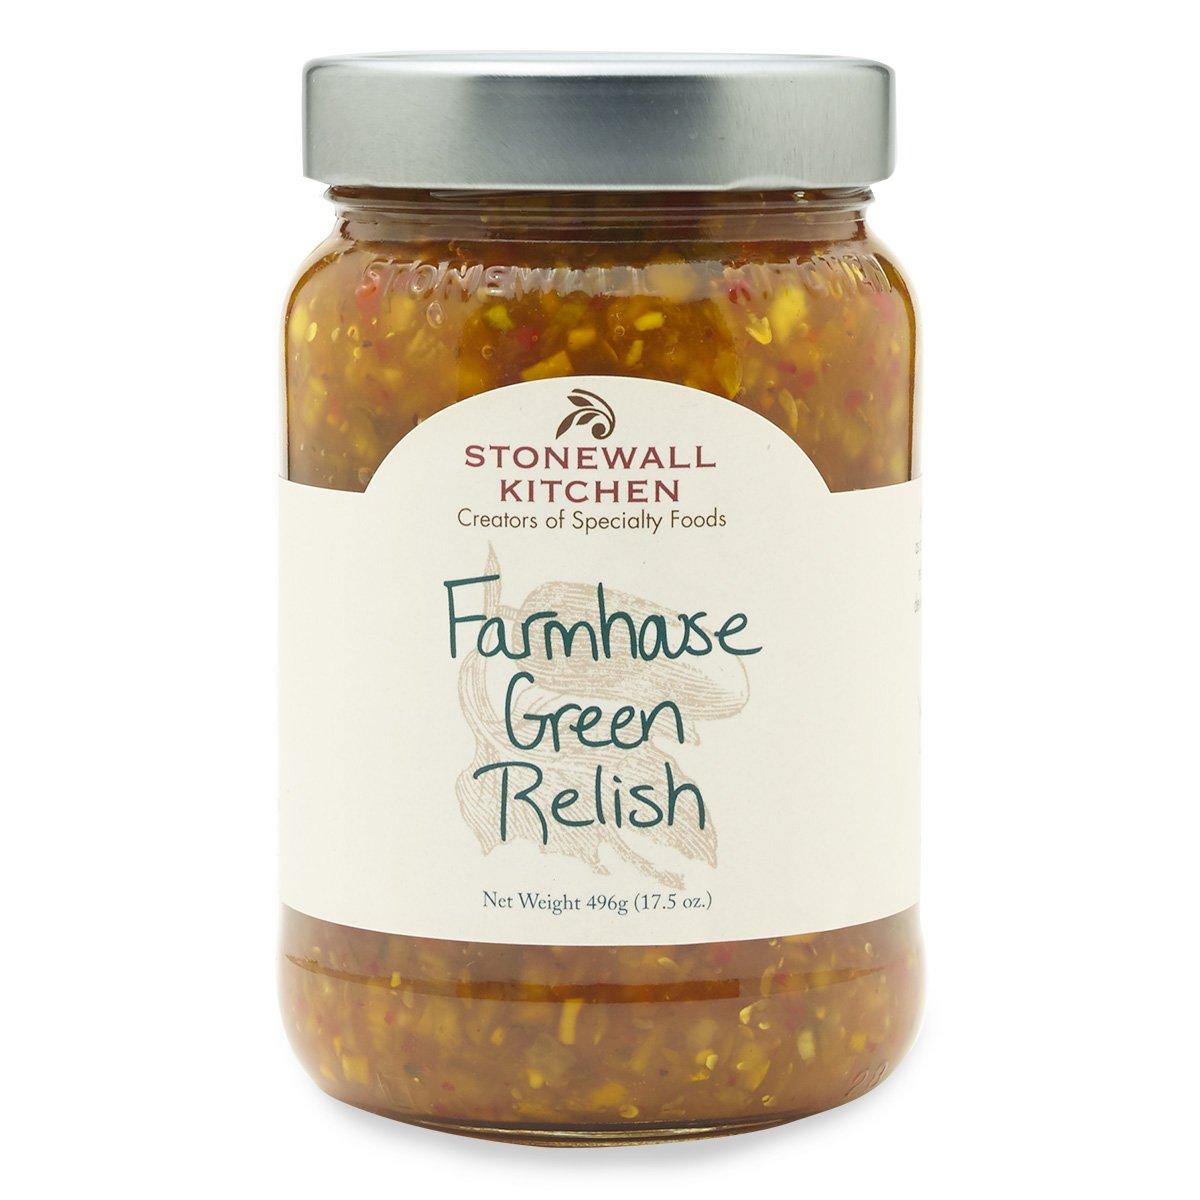 Stonewall Kitchen Farmhouse Green Relish, 17.5 ounces